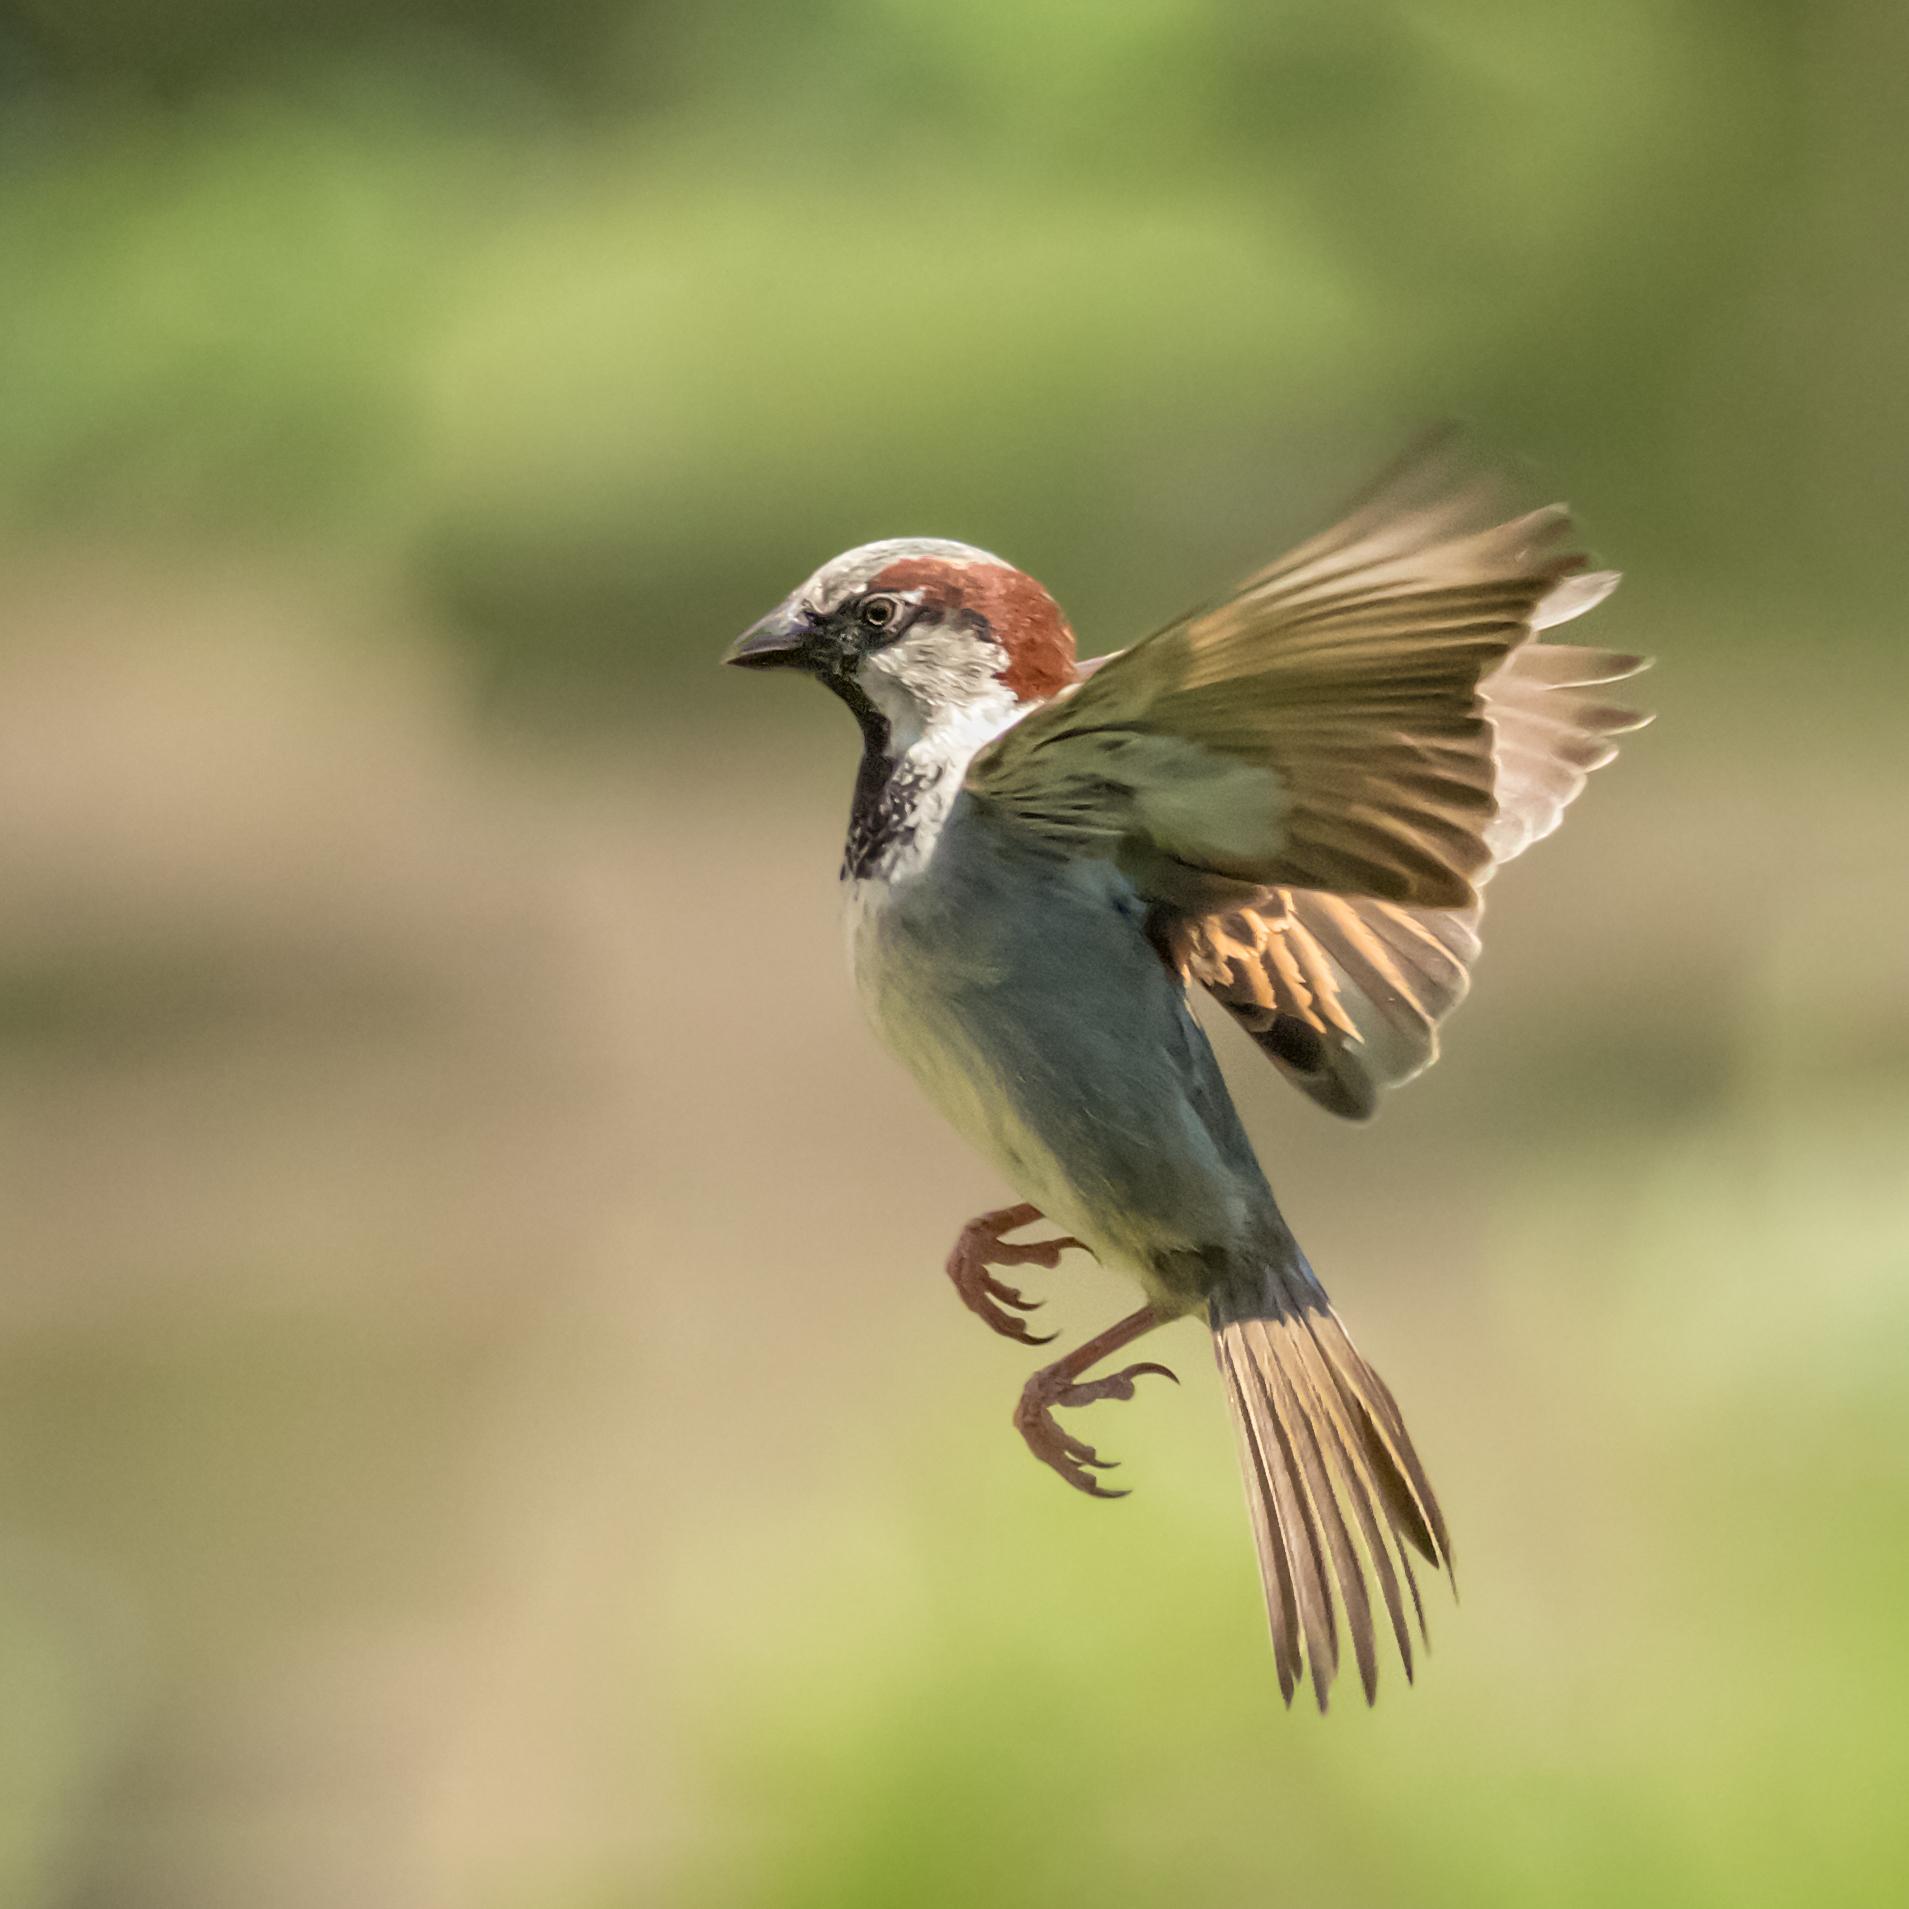 Sparrow flight #1